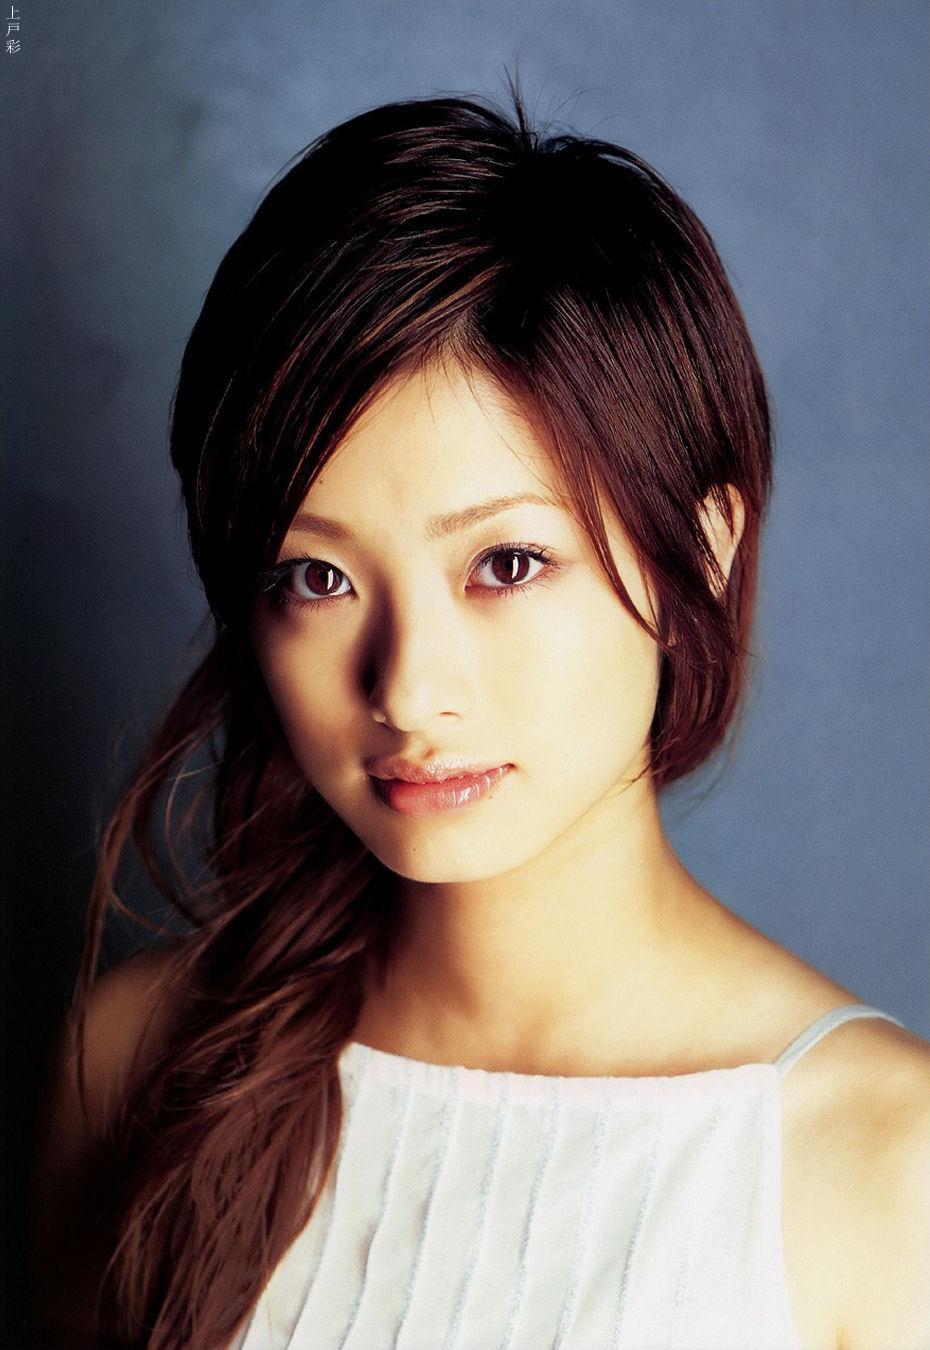 Aya Ueto / 上戸彩 - Aktris Jepang